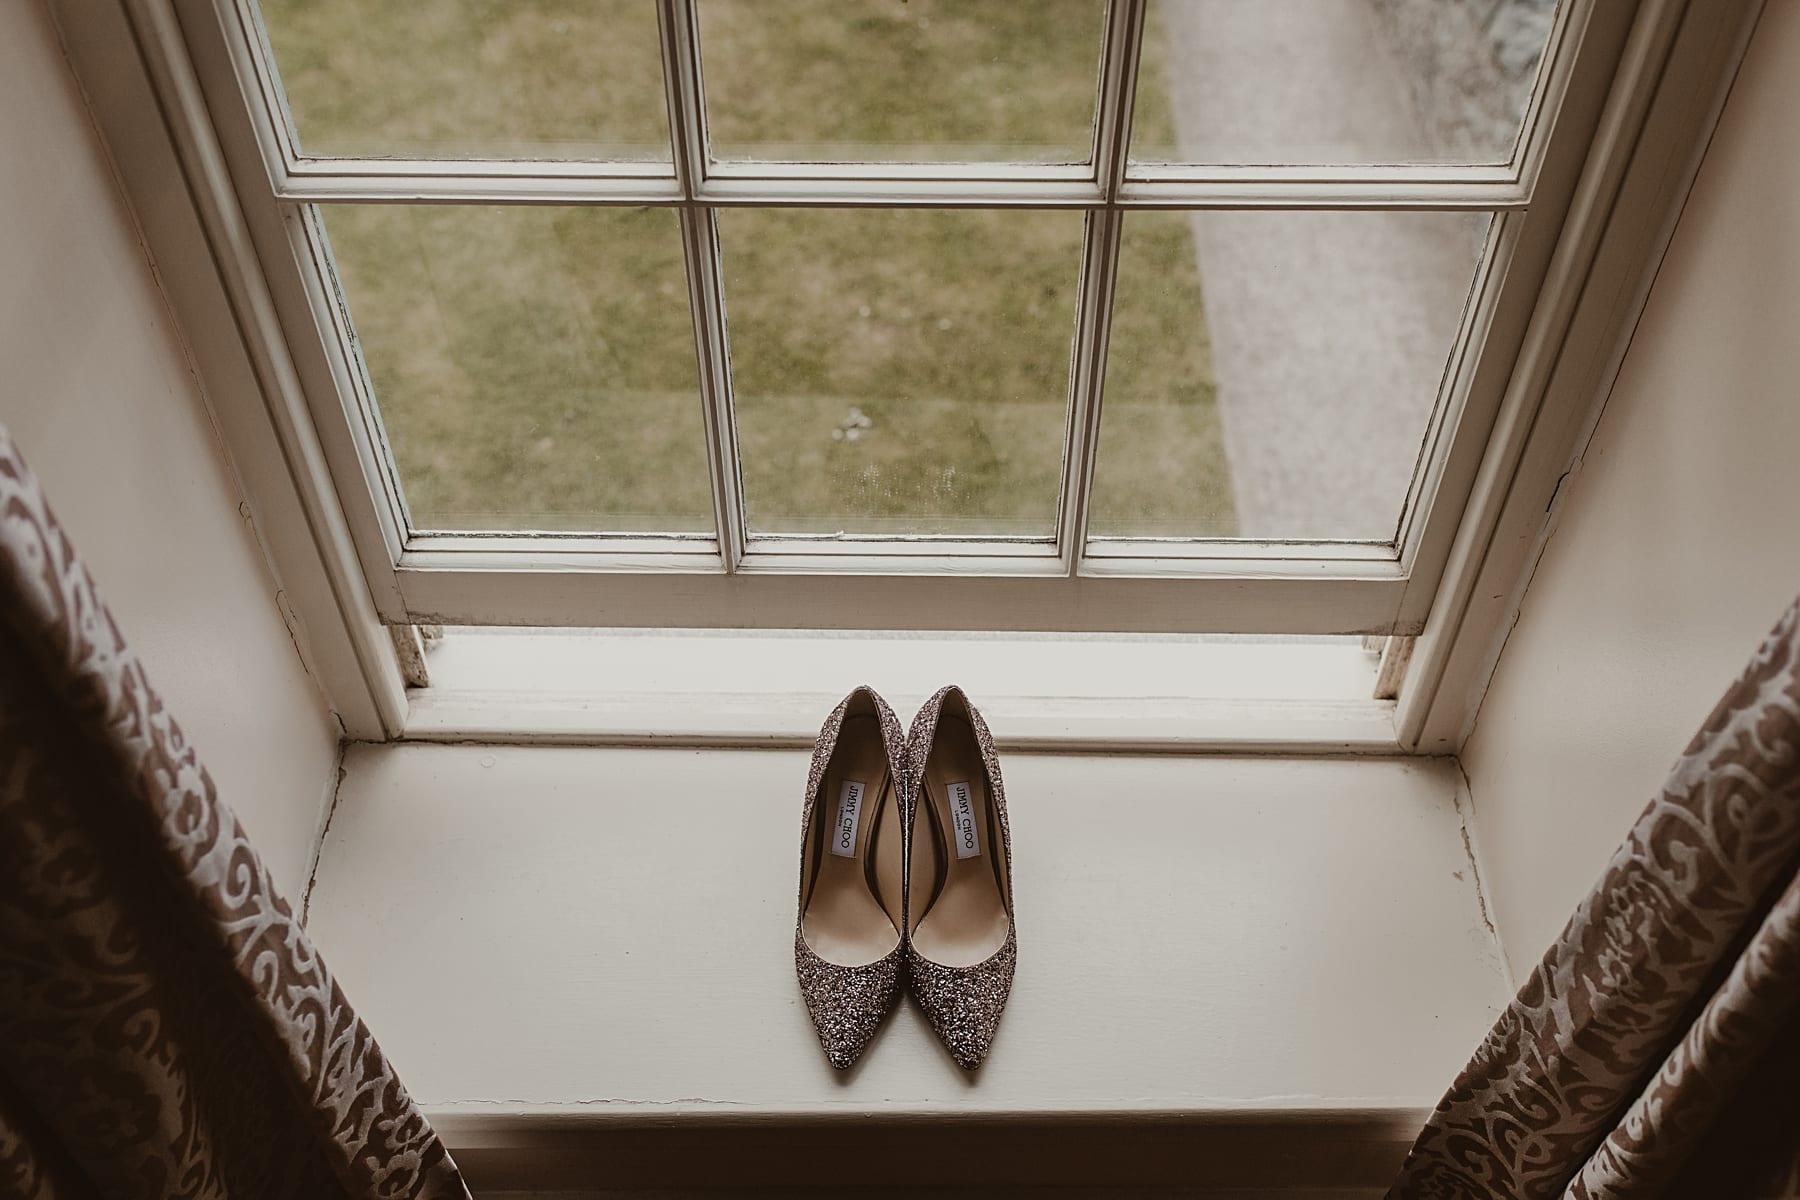 Jimmy Choo Shoes on window